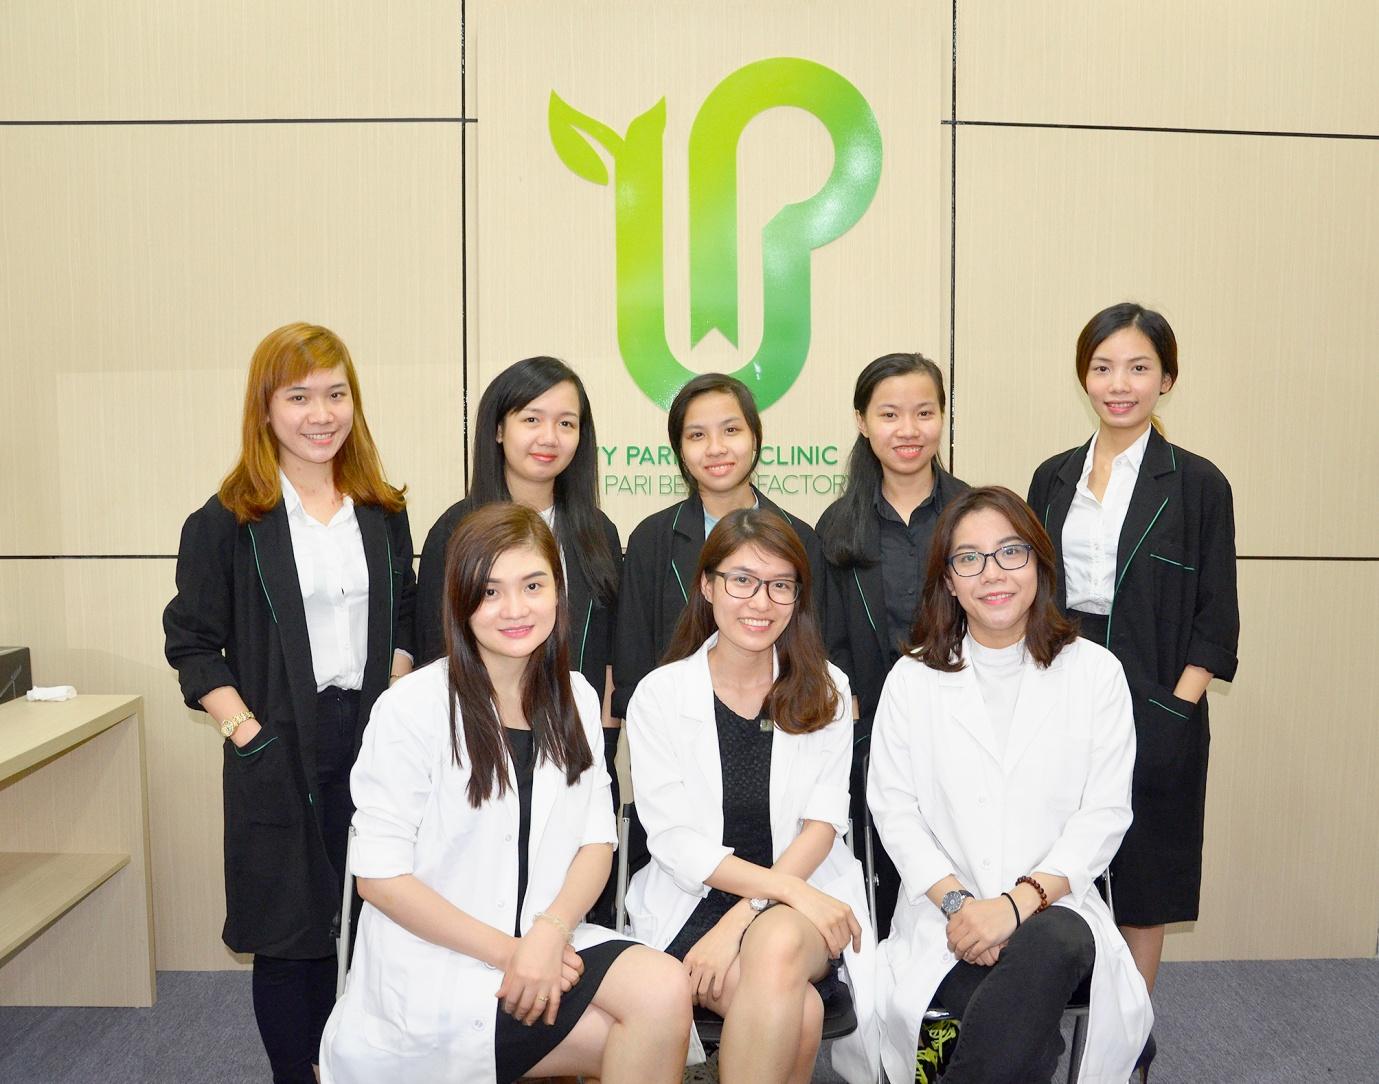 VyParis top 3 spa uy tín tại TPHCM